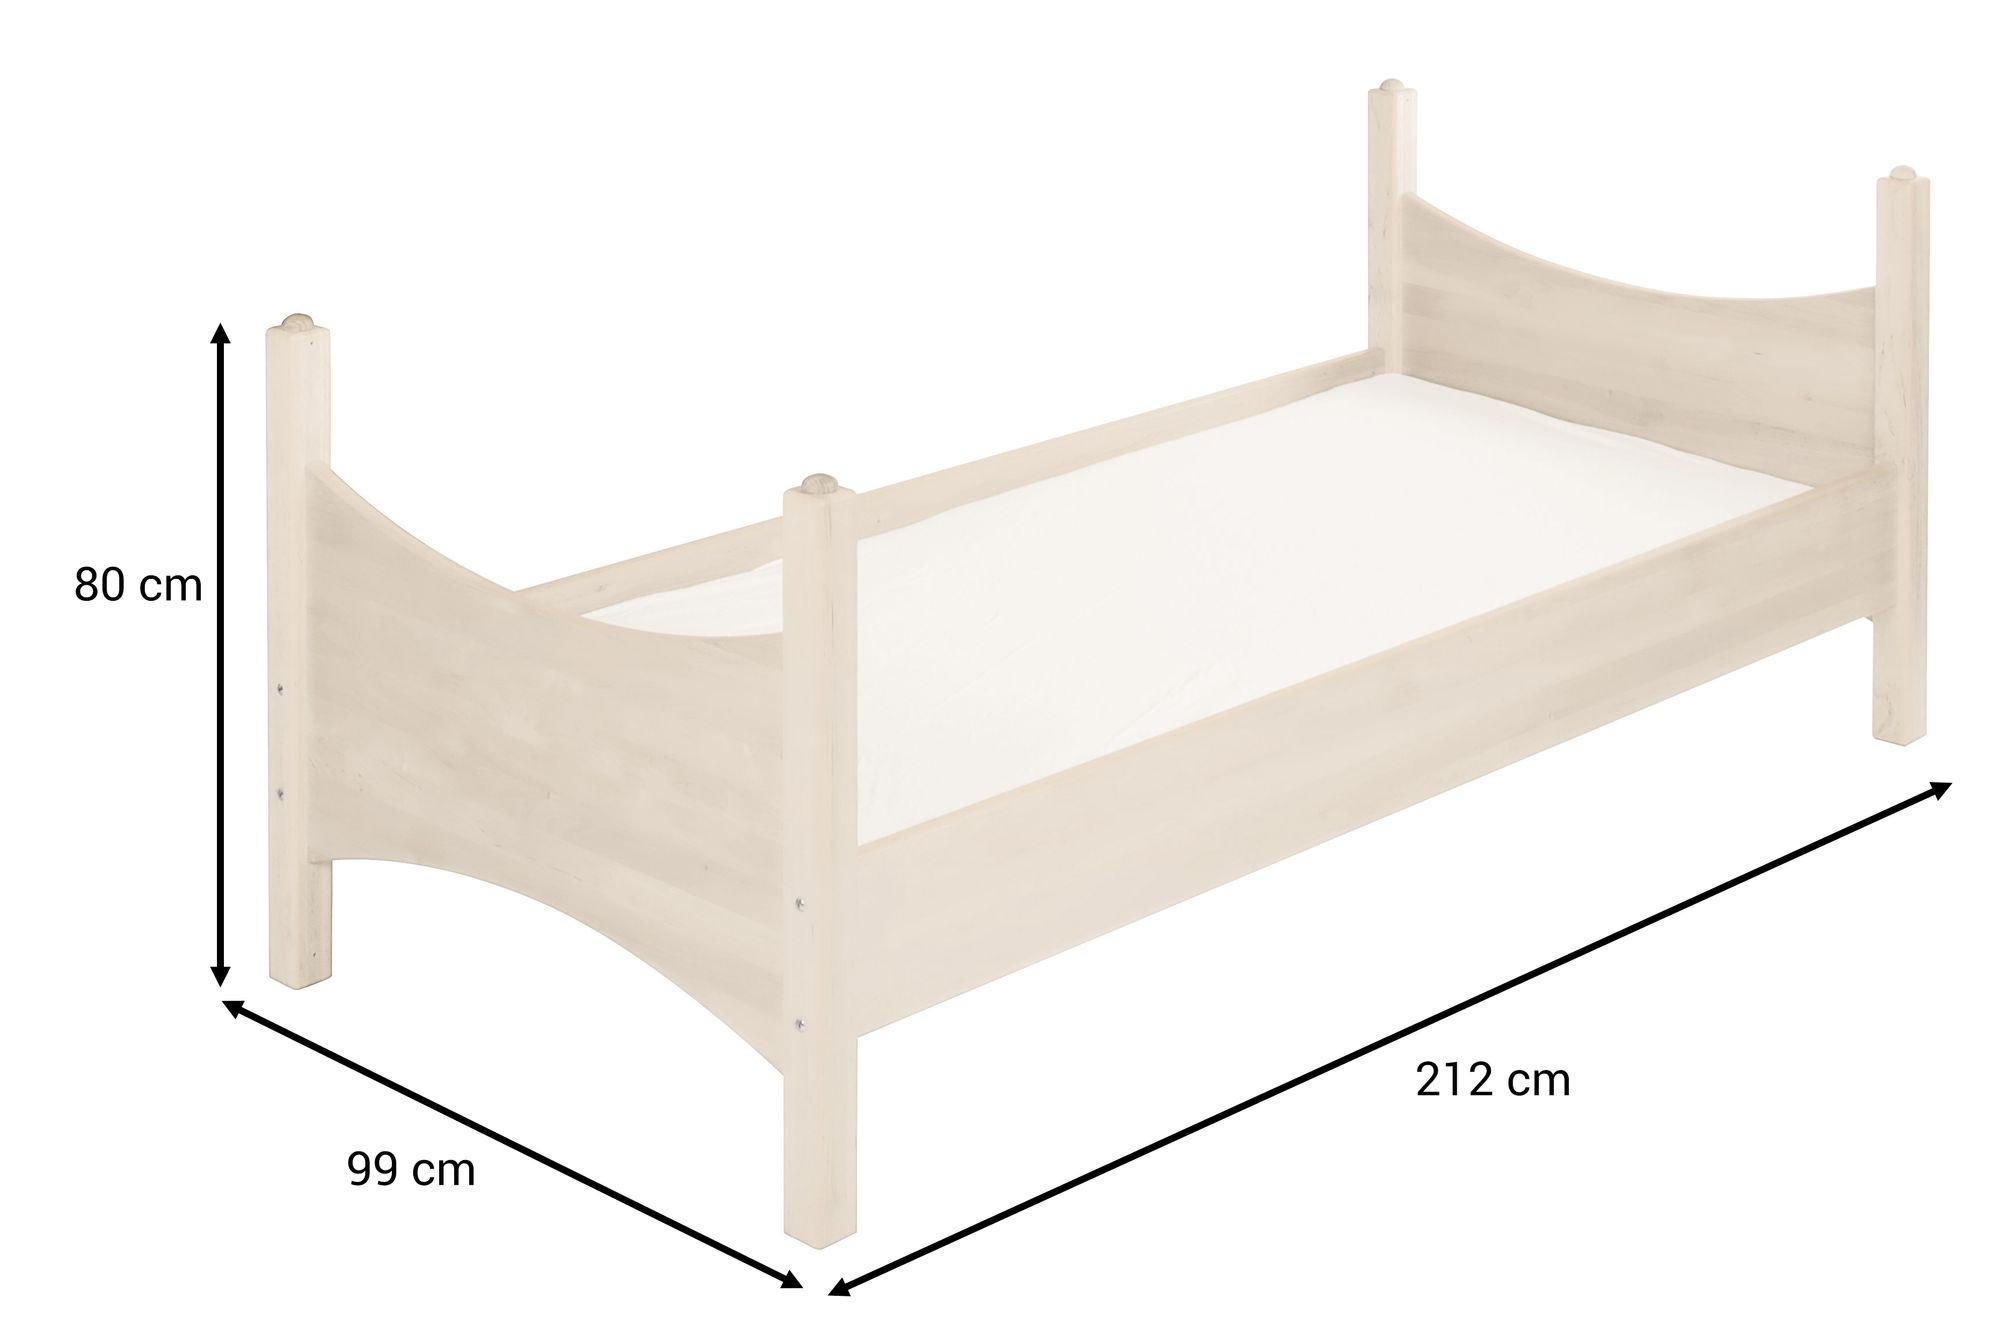 Full Size of Kinderbett Mädchen 90x200 Bionoah Kiefer Wei Cm Bett Weiß Betten Weißes Mit Bettkasten Schubladen Lattenrost Wohnzimmer Kinderbett Mädchen 90x200